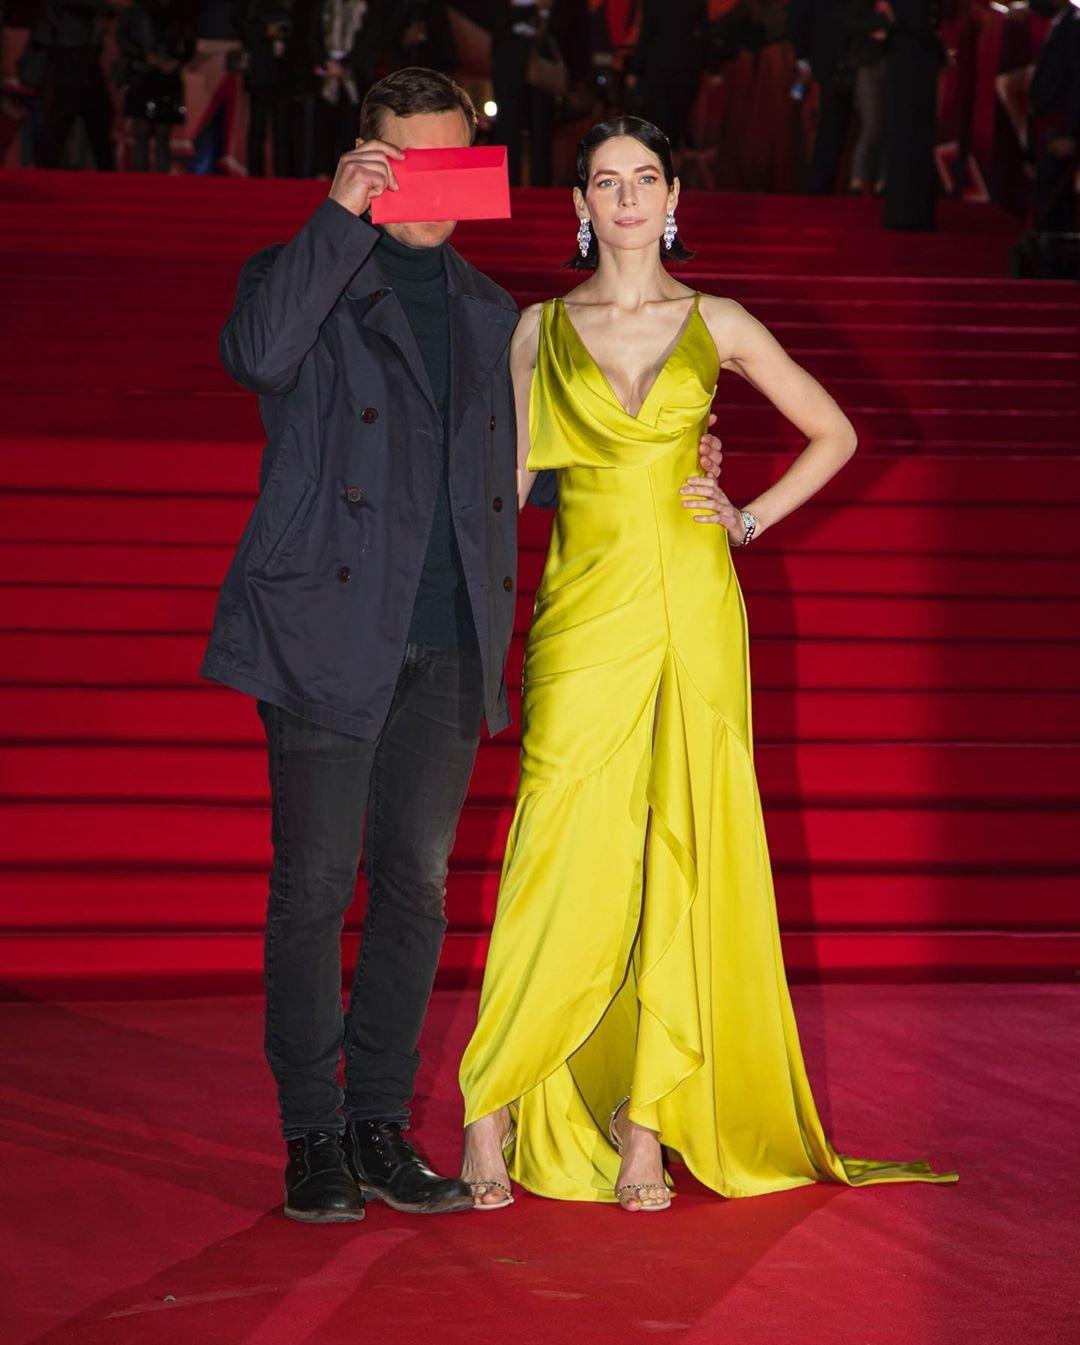 Юлия Снигирь предстала в шикарном жёлтом платье на красной дорожке